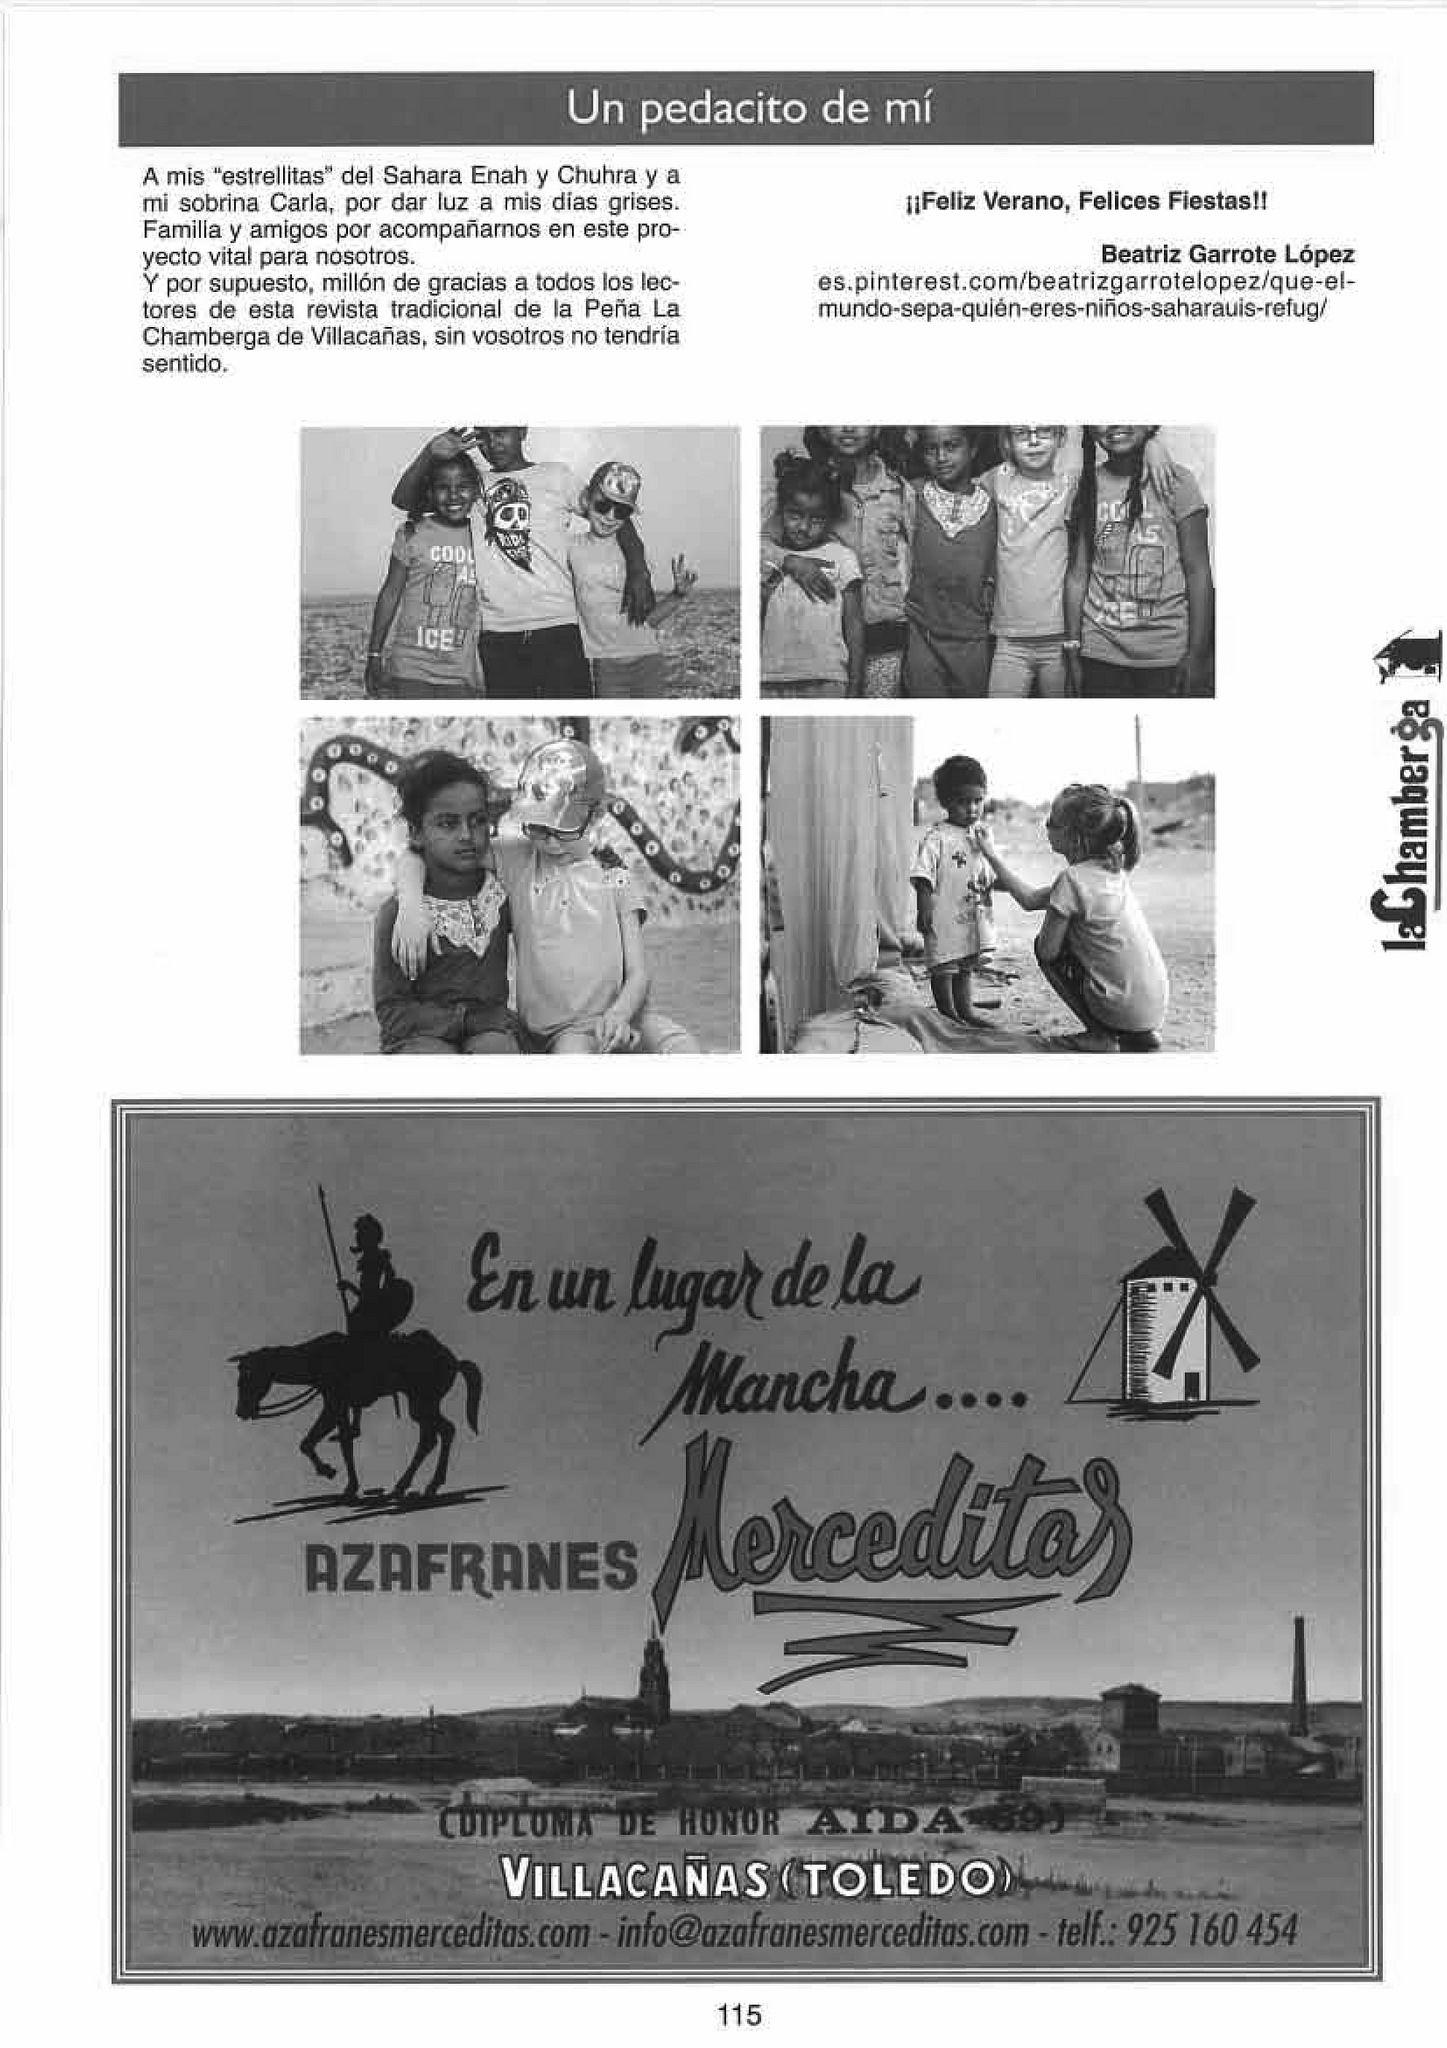 https://flic.kr/p/XhS79P | Libro La Chamberga 2017-117 (página 2 de 2) | www.facebook.com/beatrizgarrotefotografia/